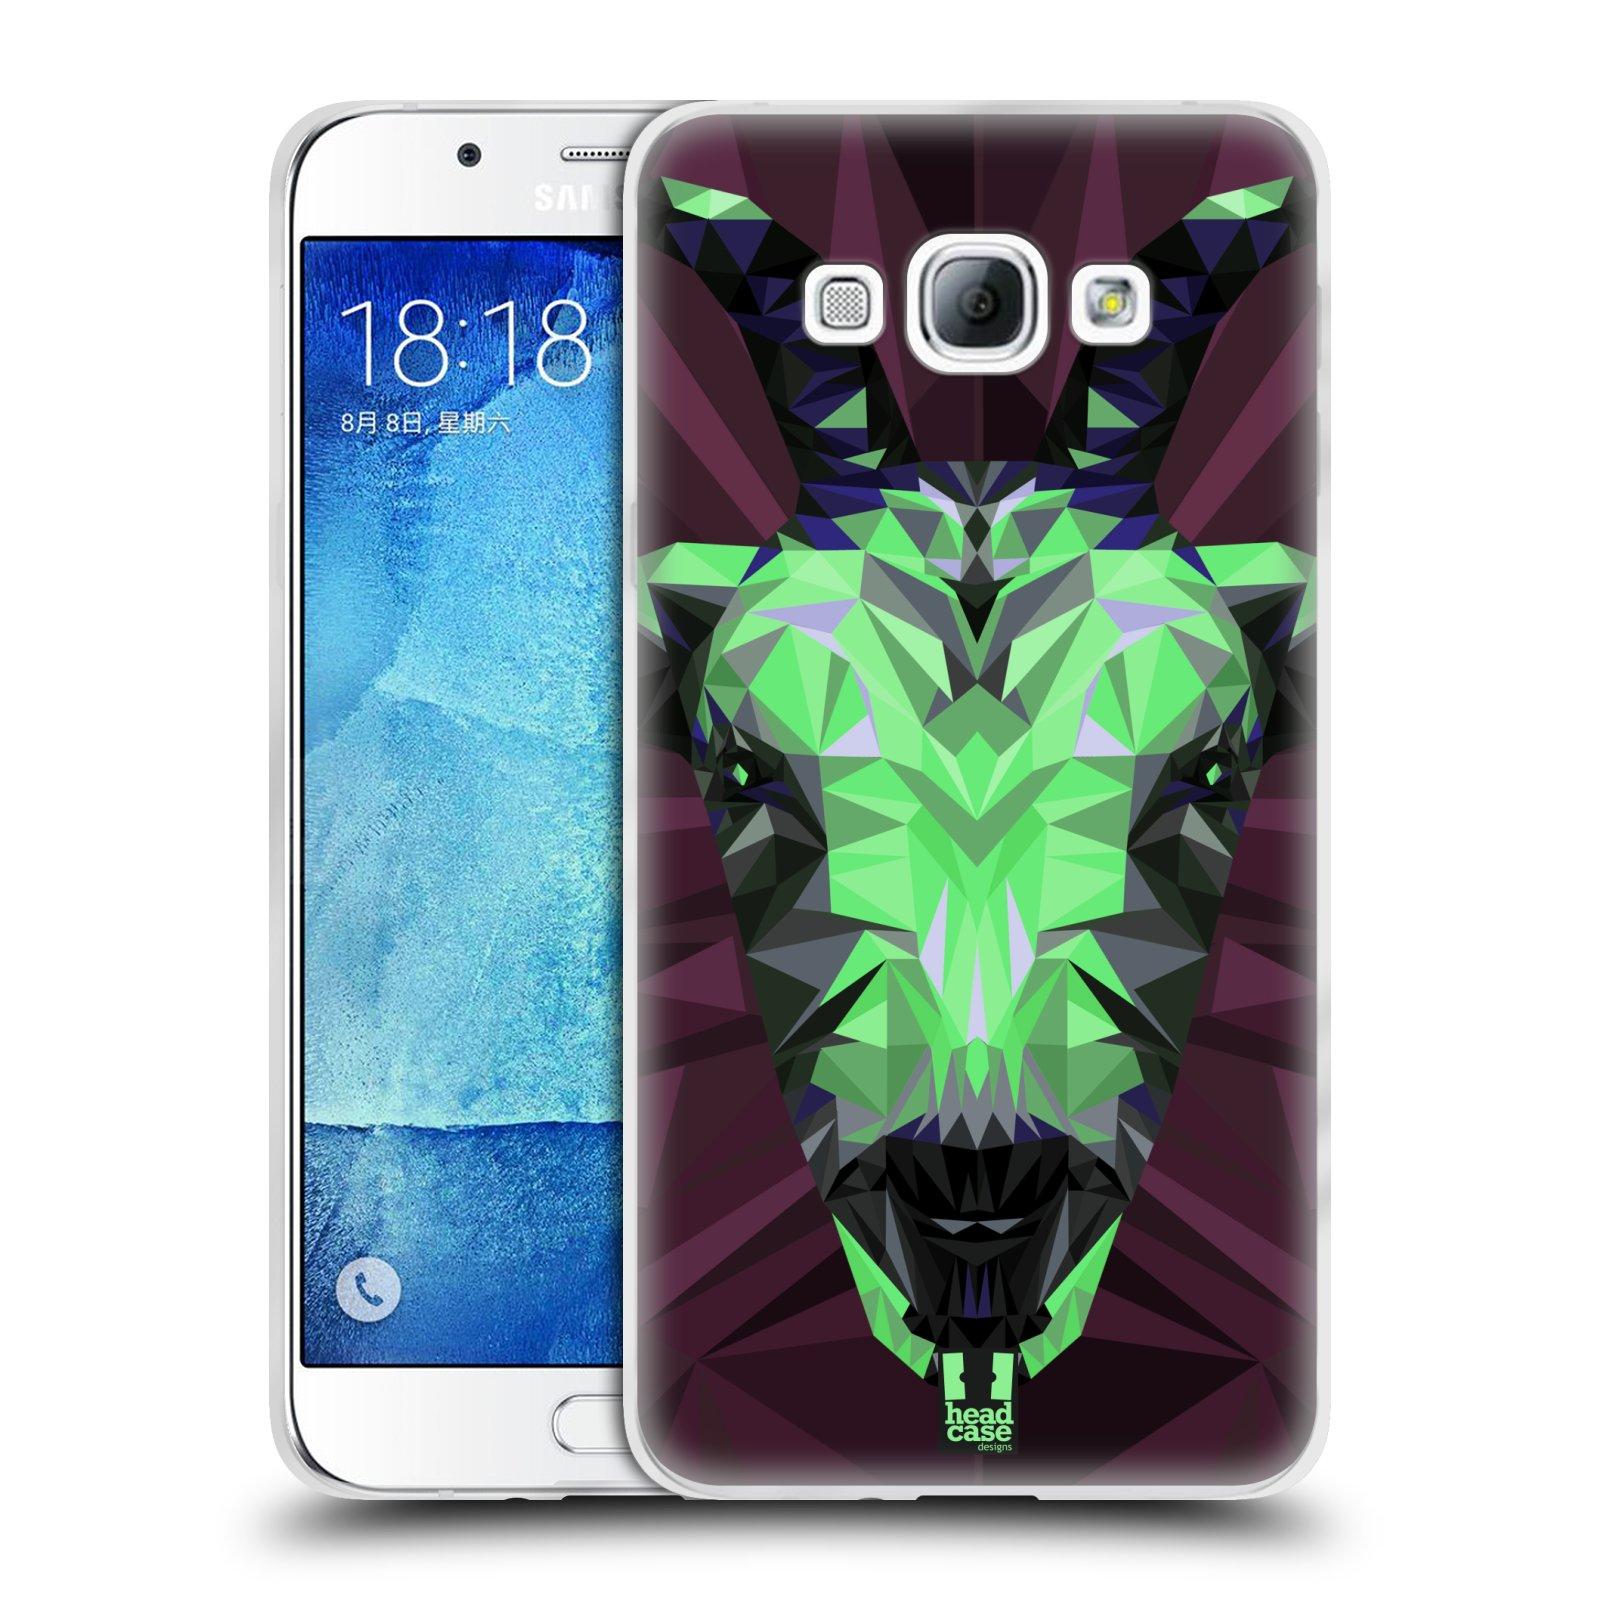 HEAD CASE silikonový obal na mobil Samsung Galaxy A8 vzor Geometrická zvířata 2 kozel